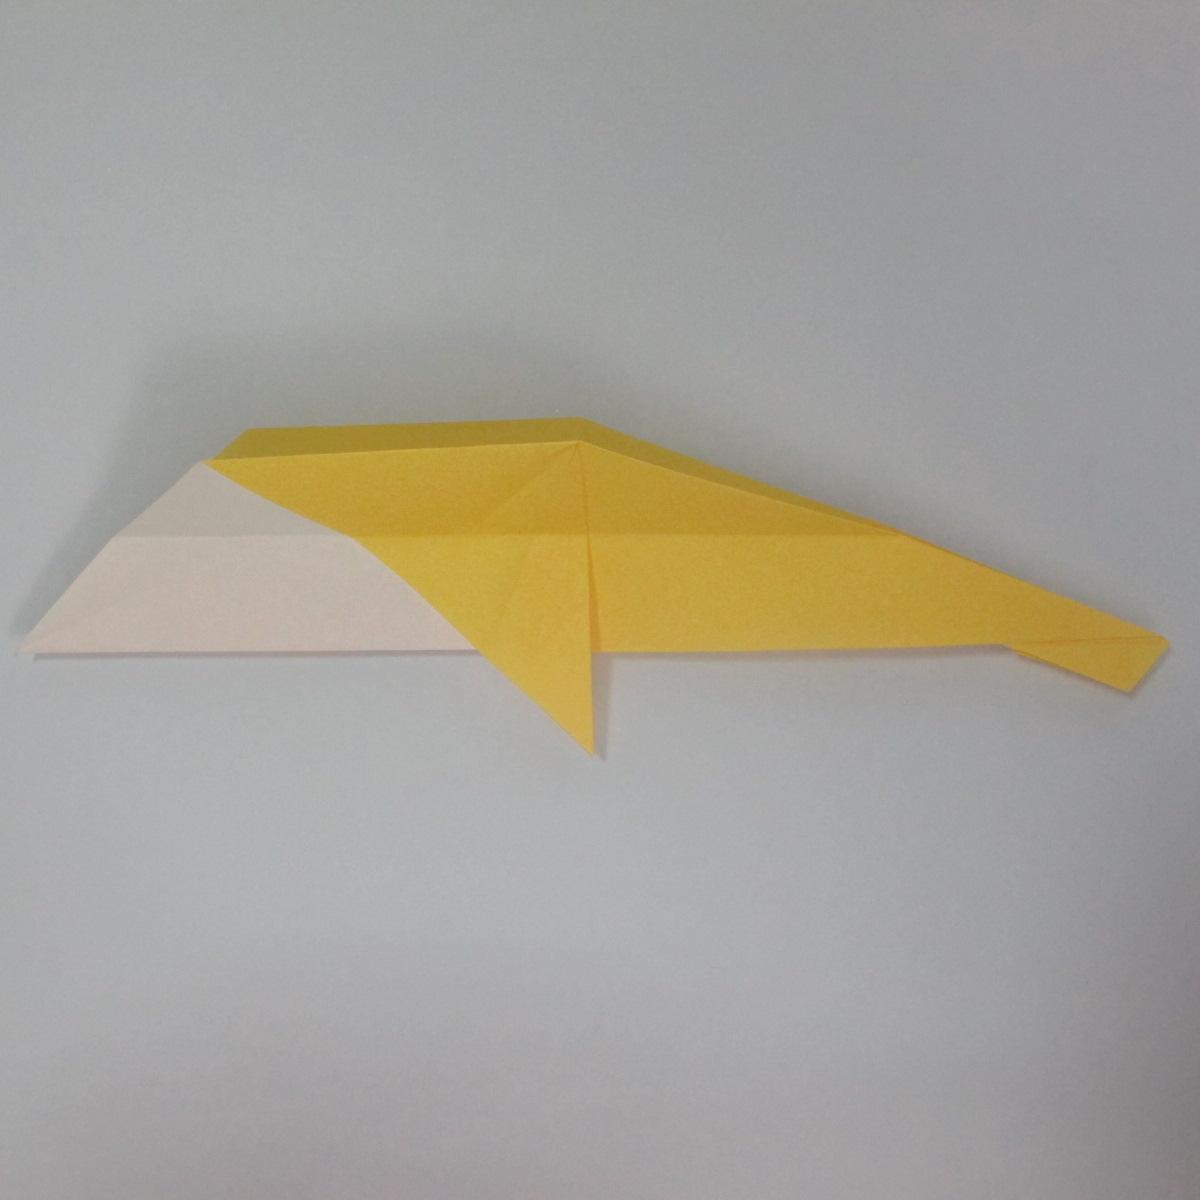 สอนวิธีพับกระดาษเป็นรูปลูกสุนัขยืนสองขา แบบของพอล ฟราสโก้ (Down Boy Dog Origami) 047